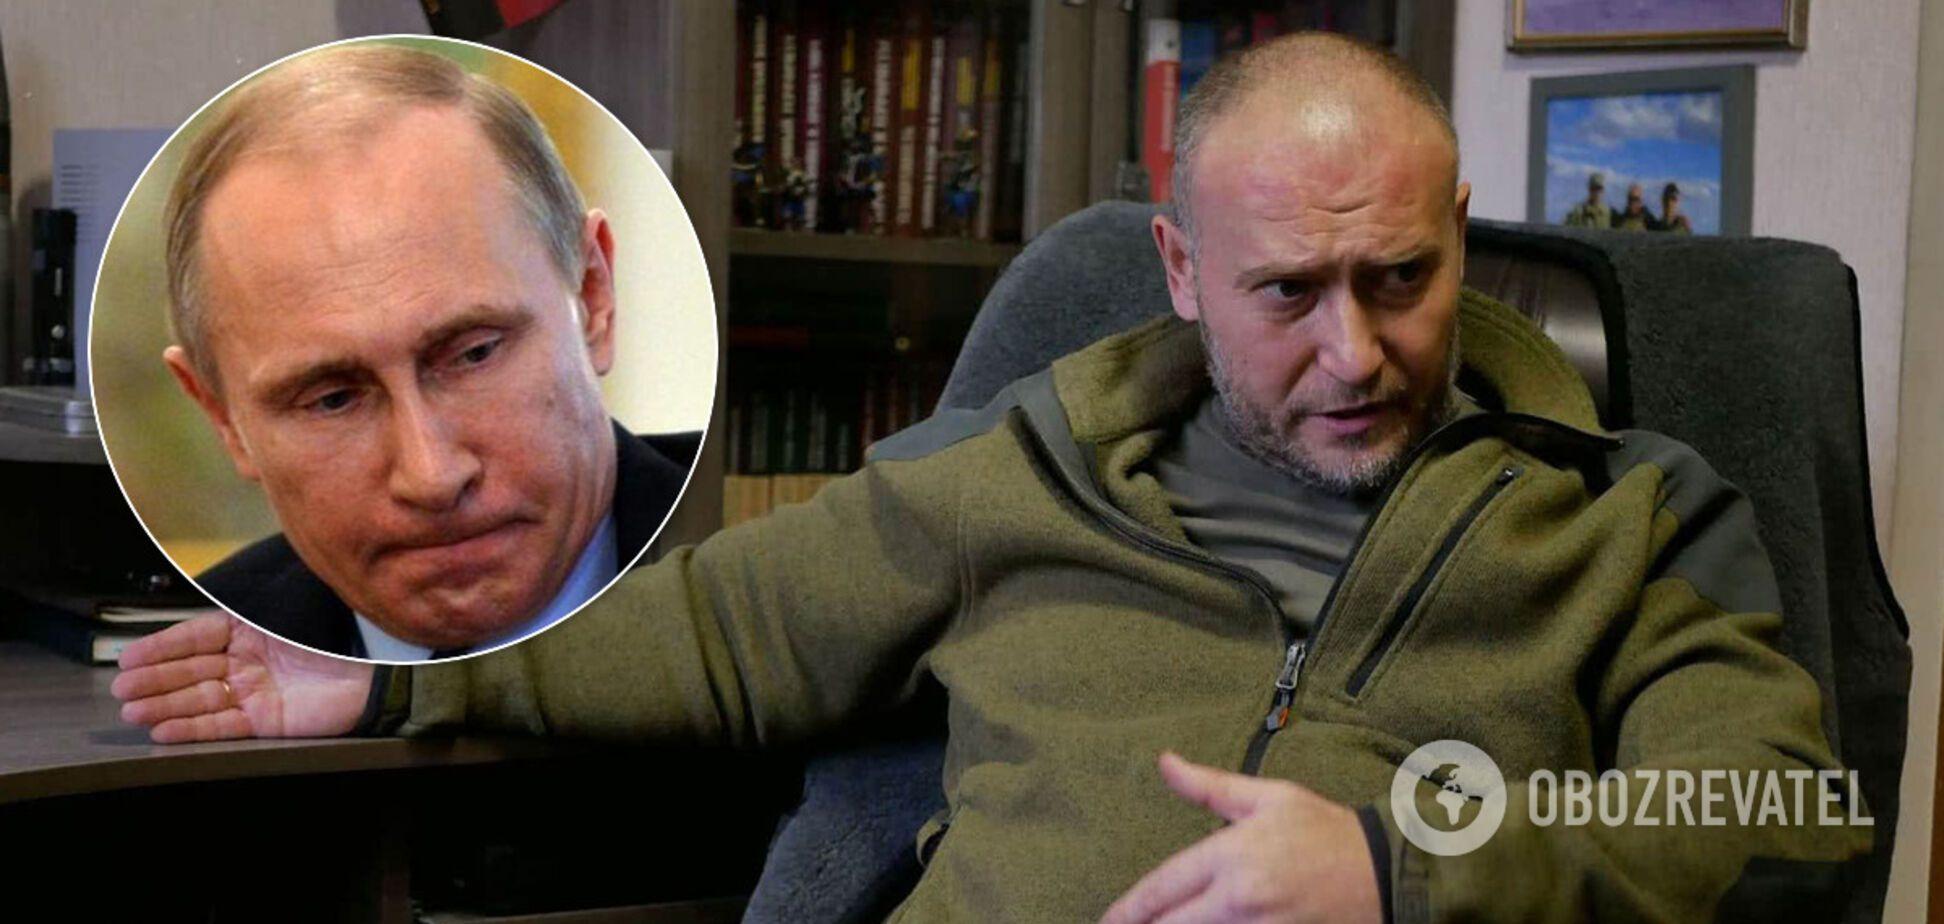 Я би послав Путіна разом з його ''мінськими домовленостями''!